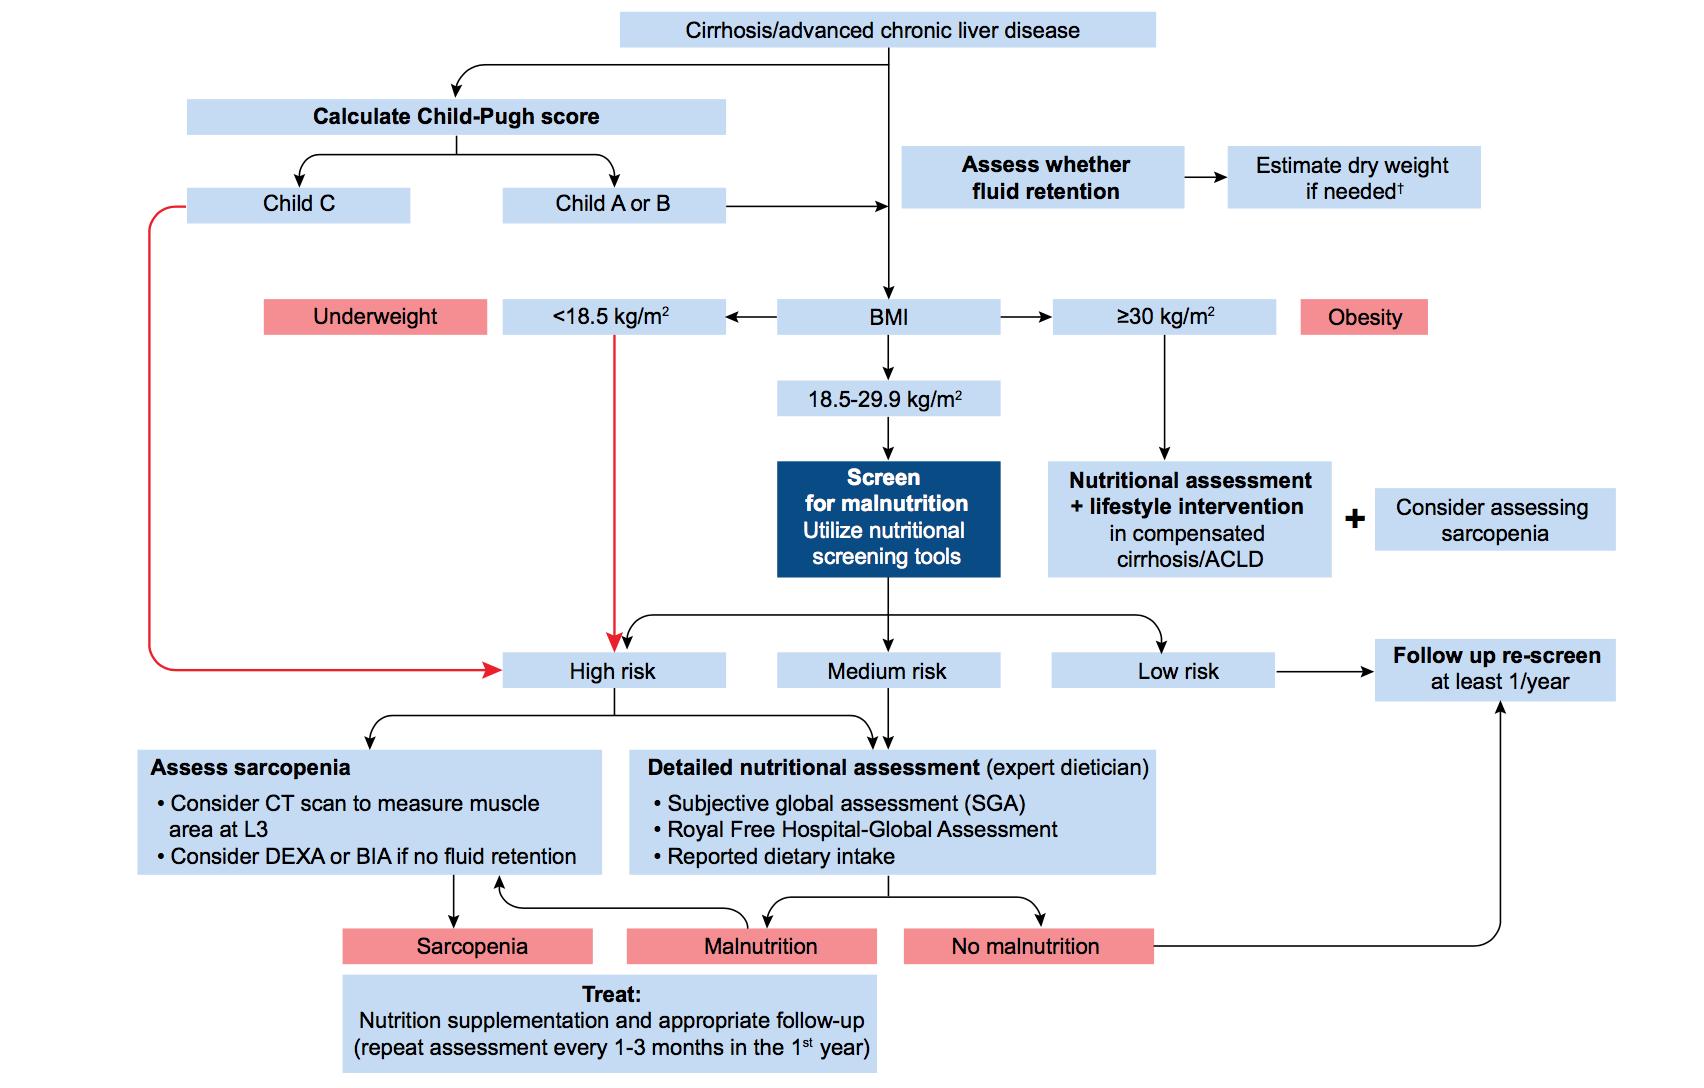 Tipos de derivaciones para hipertensión portal